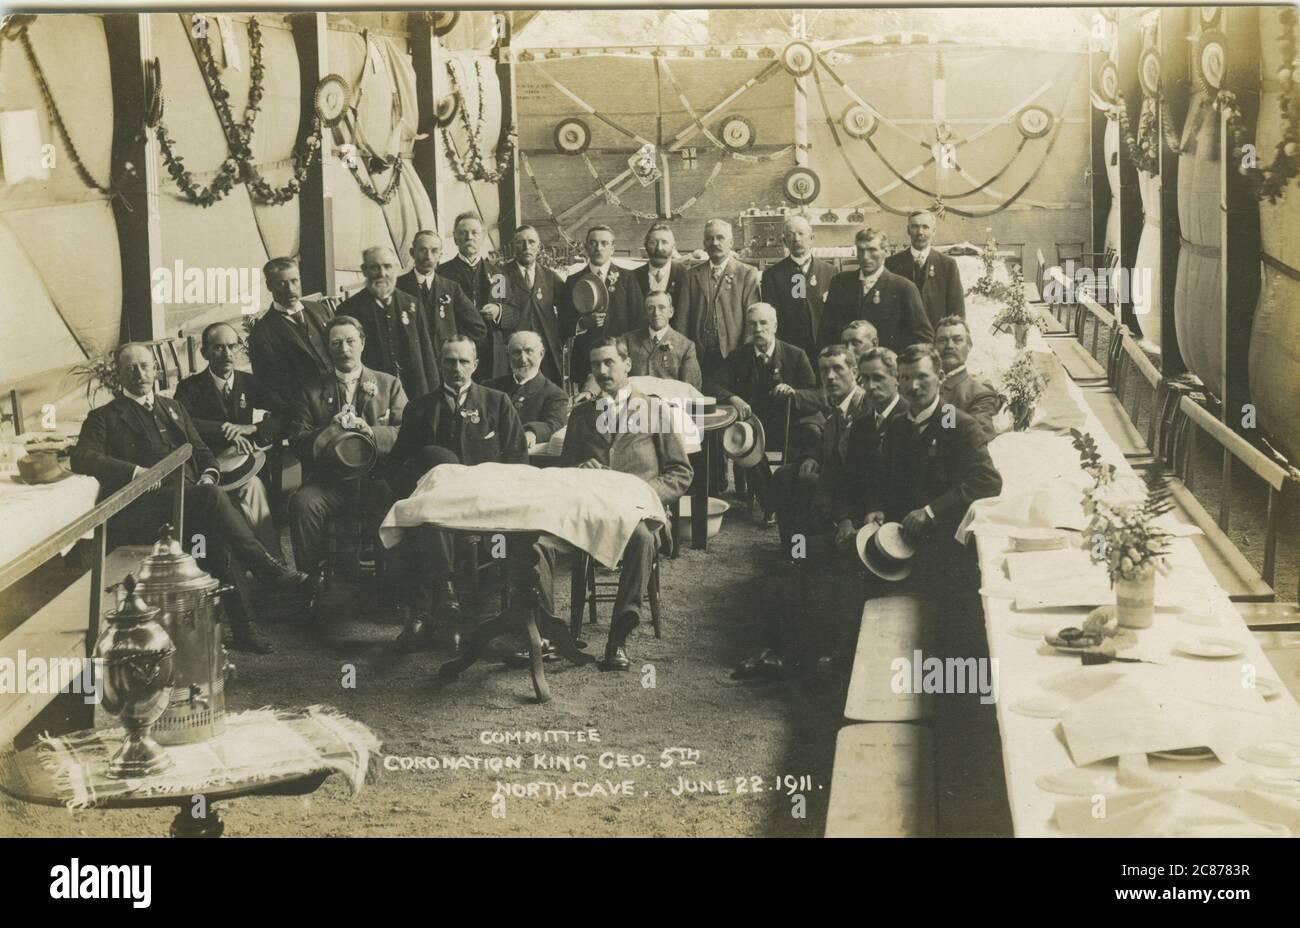 Comité de aldea (celebrando la Coronación del Rey Jorge V - 22 de junio de 1911), Cueva del Norte, Brough, Yorkshire, Inglaterra. Foto de stock